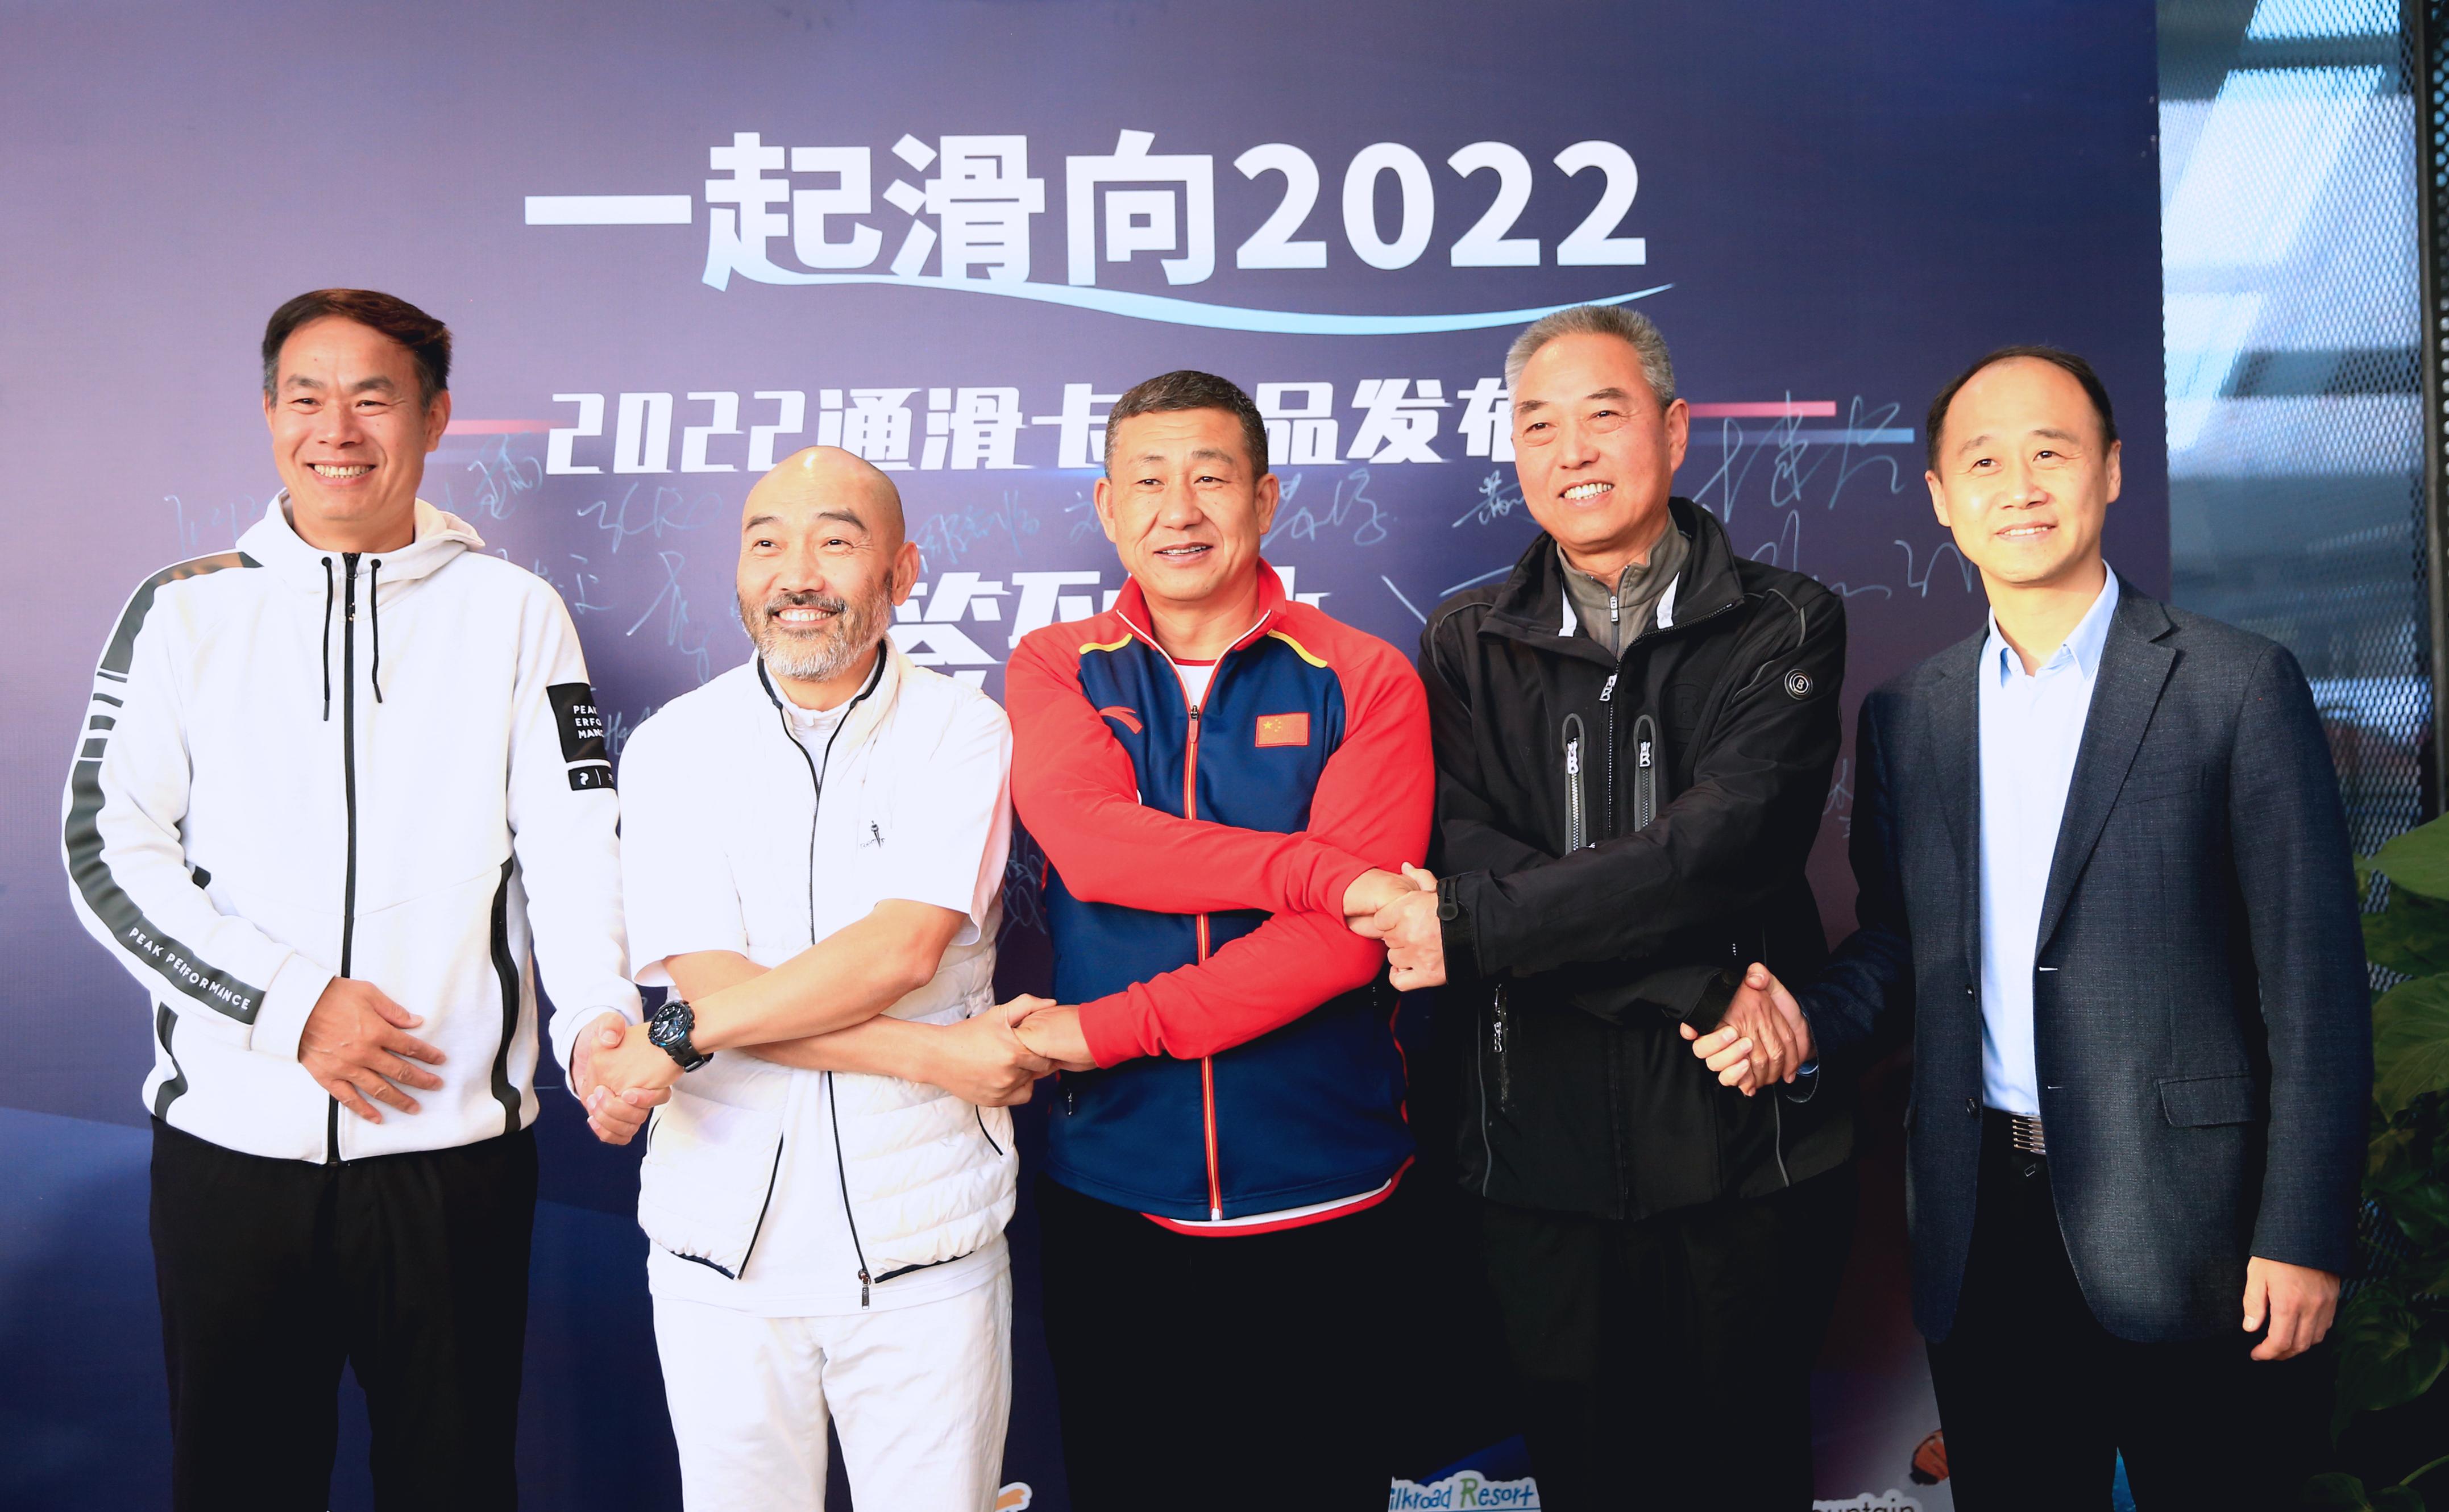 一起滑向2022,五大雪場聯合發布2022聯盟通滑卡